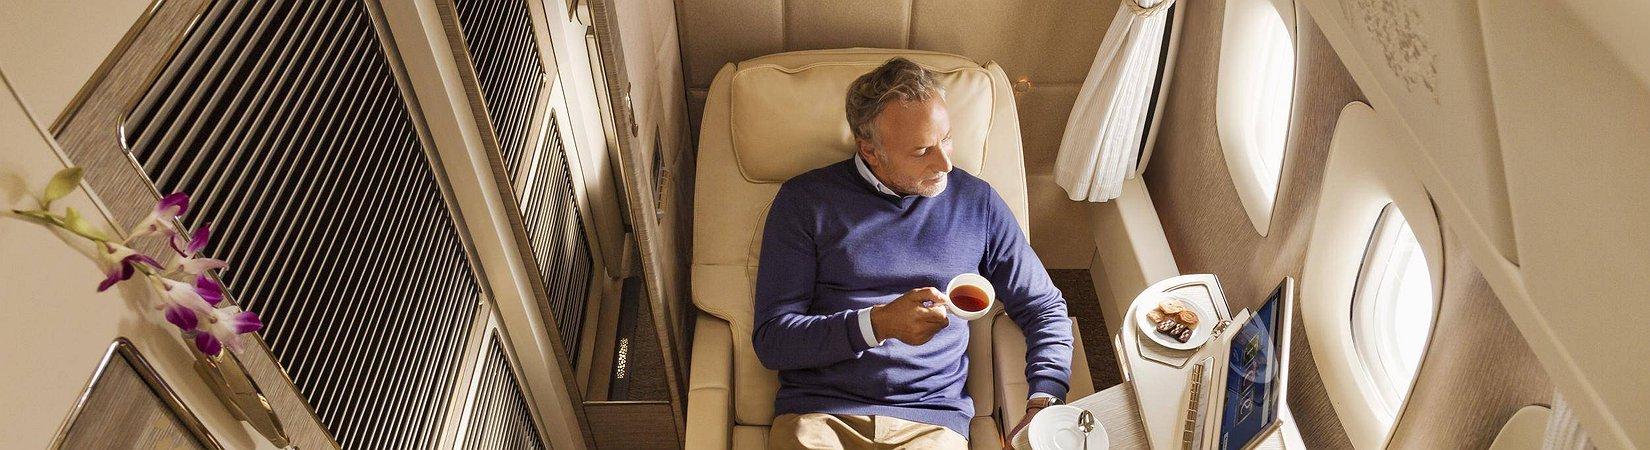 A nova primeira classe da Emirates Airlines